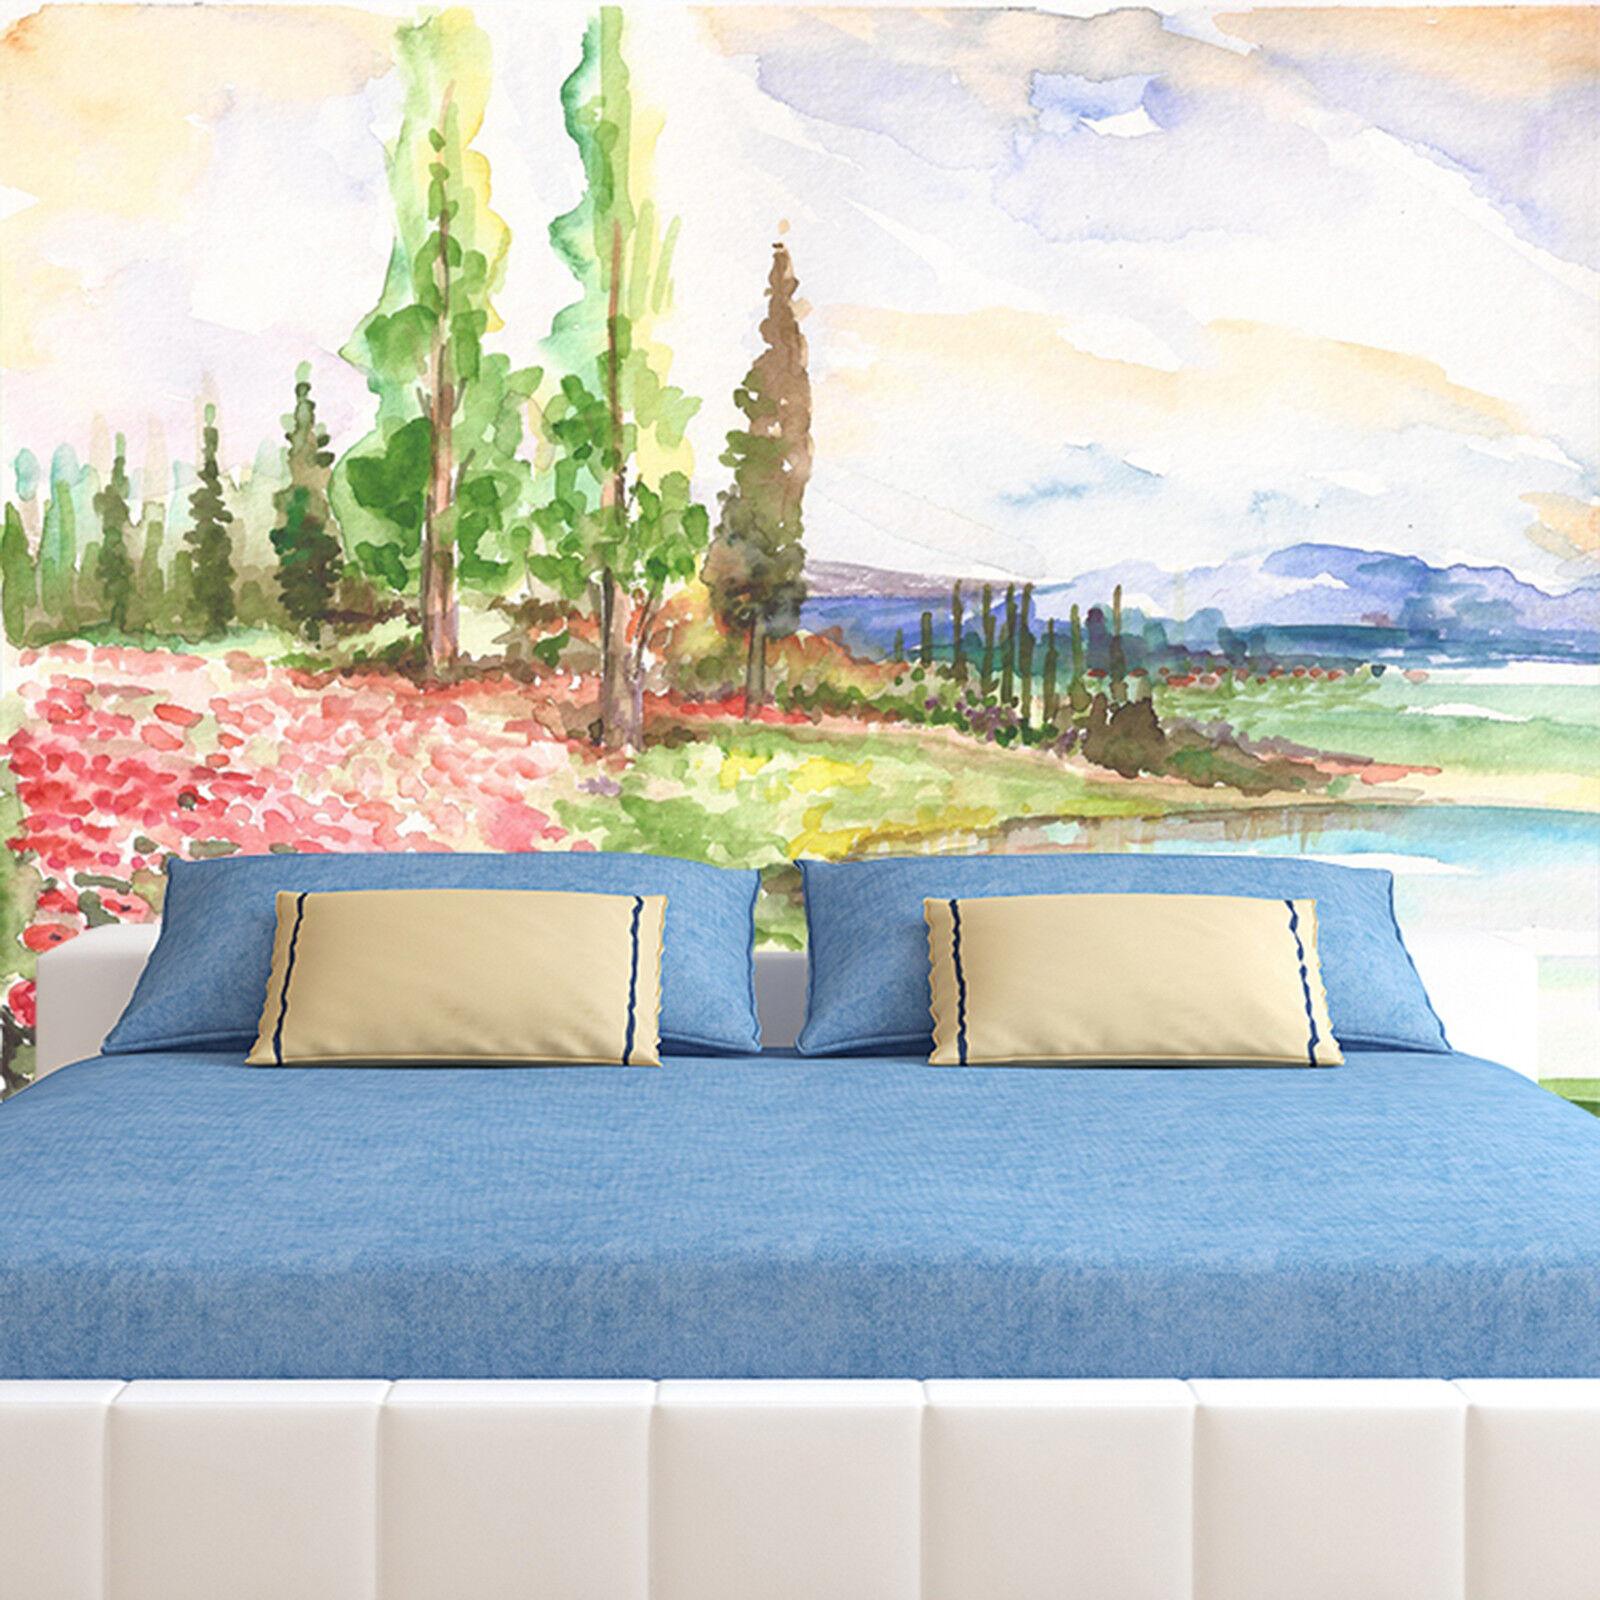 3D Ölgemälde Landschaft 893 Tapete Wandgemälde Tapeten Bild Familie DE Lemon